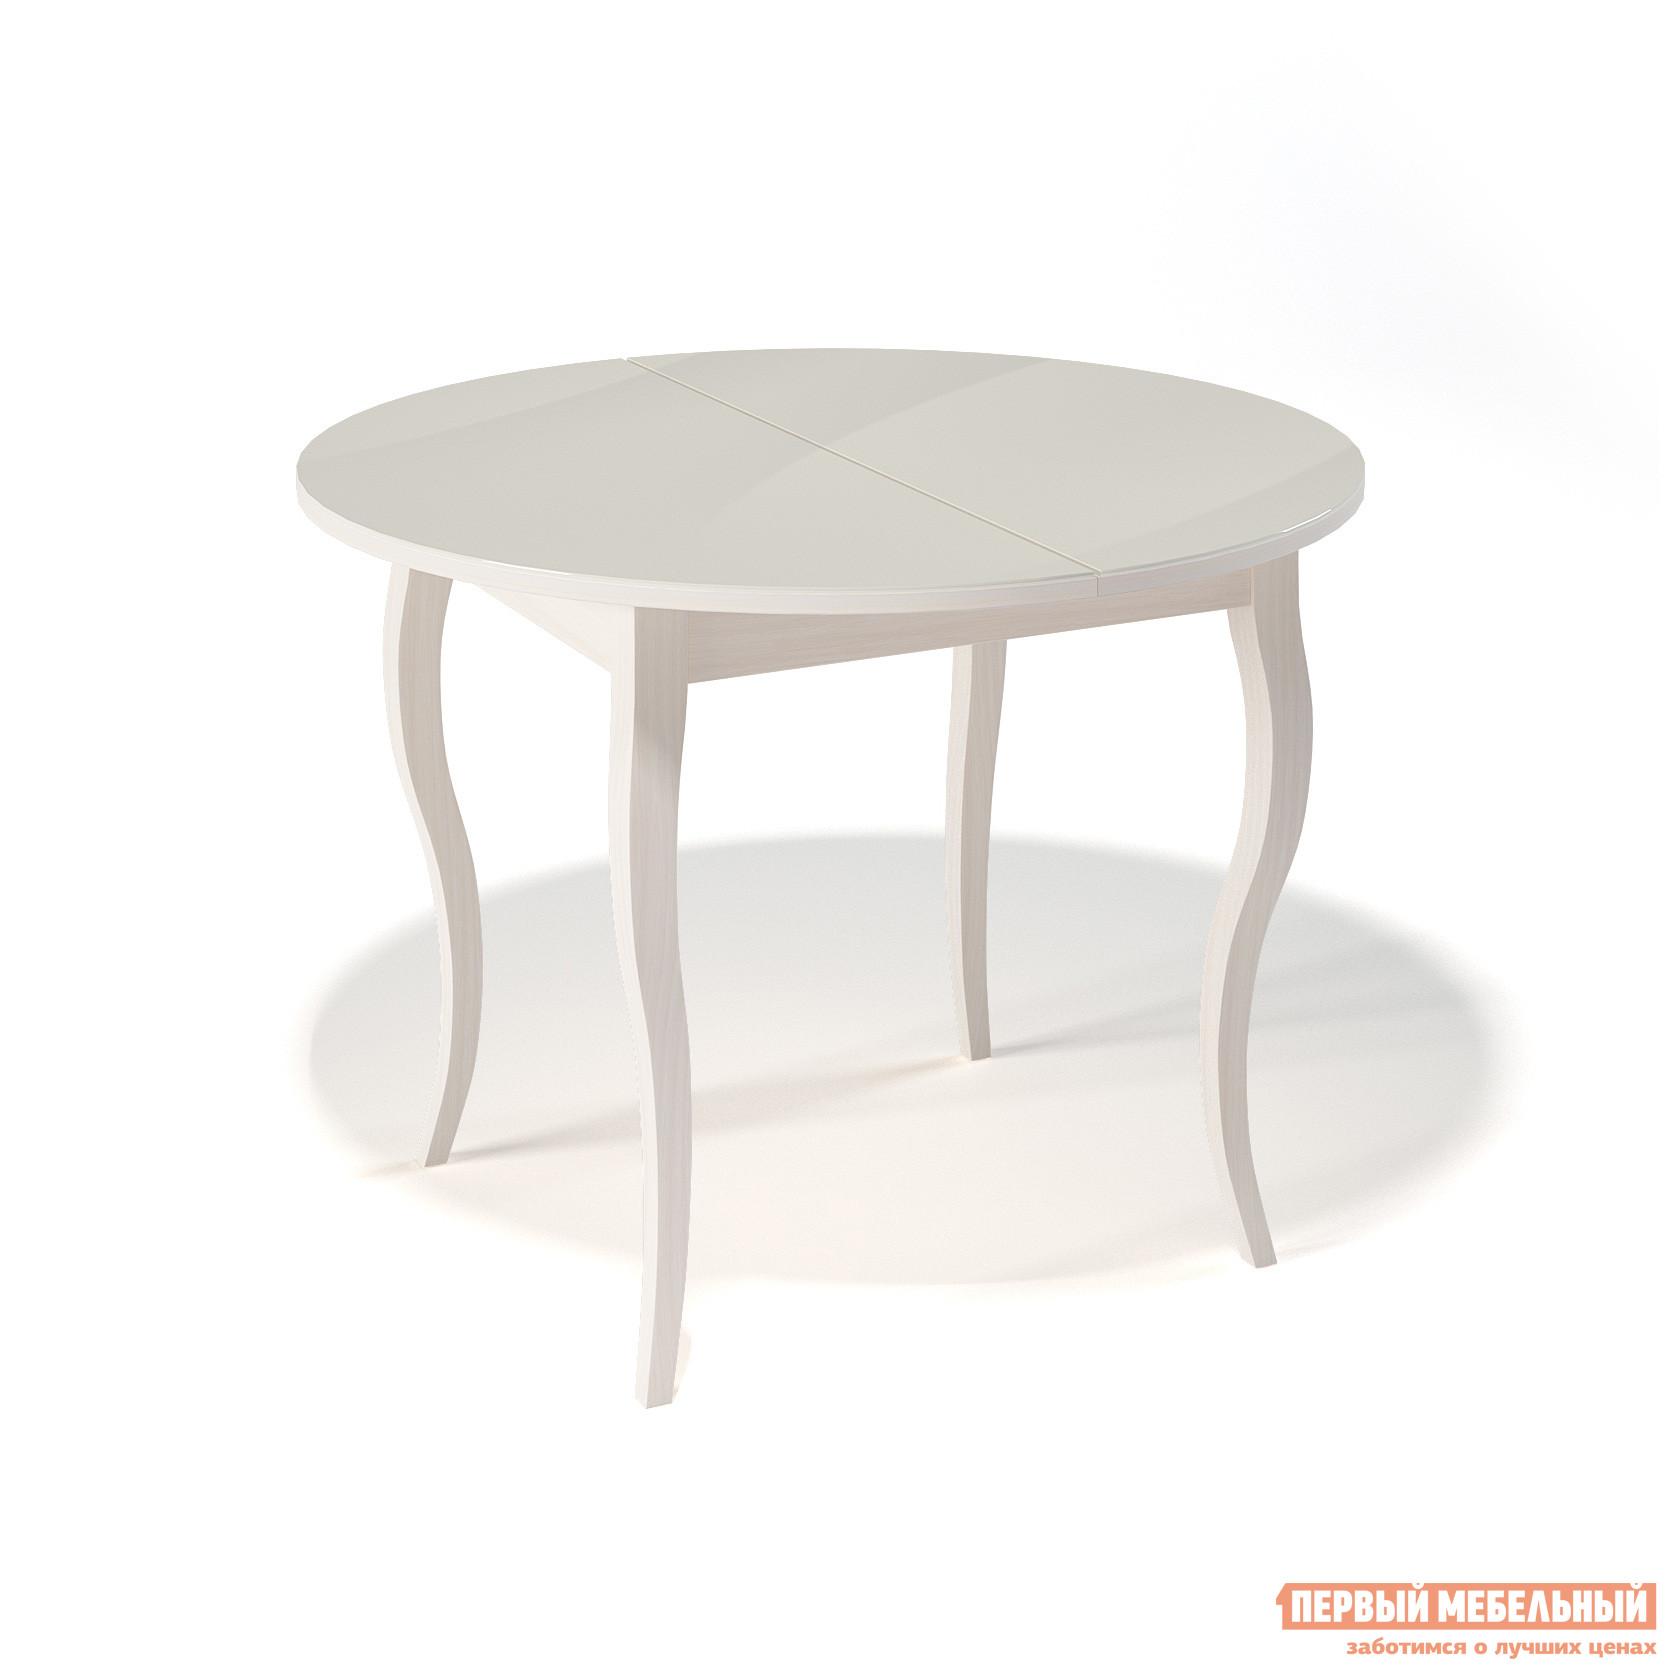 Круглый кухонный стол глянцевый ДИК KENNER 1000С круглый кухонный стол глянцевый дик kenner 1000с венге стекло черное